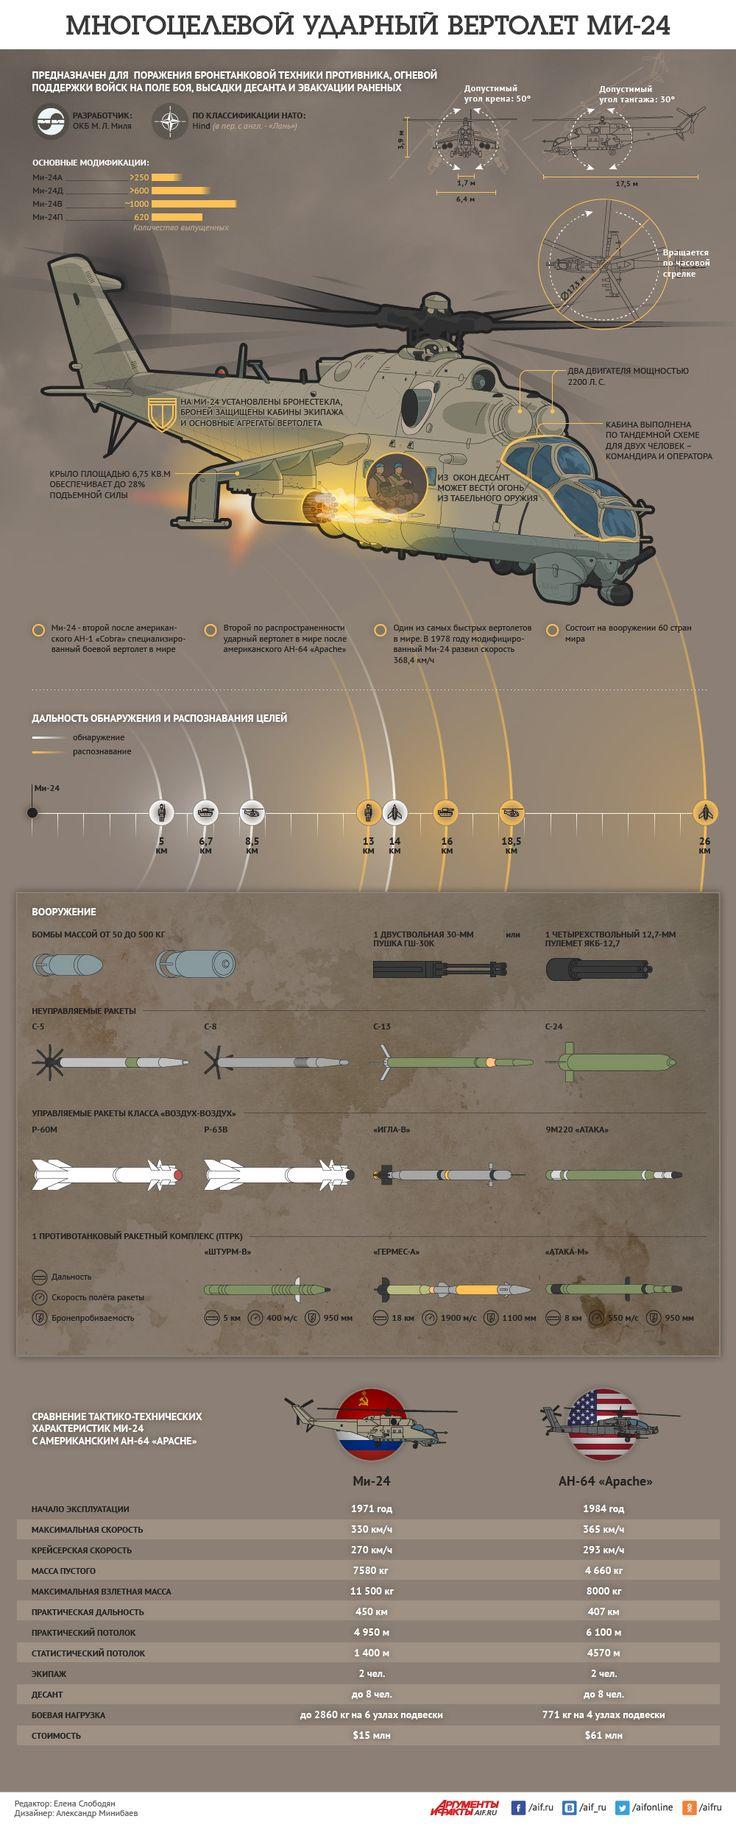 Многоцелевой ударный вертолет Ми-24. Инфографика | Инфографика | Вопрос-Ответ | Аргументы и Факты